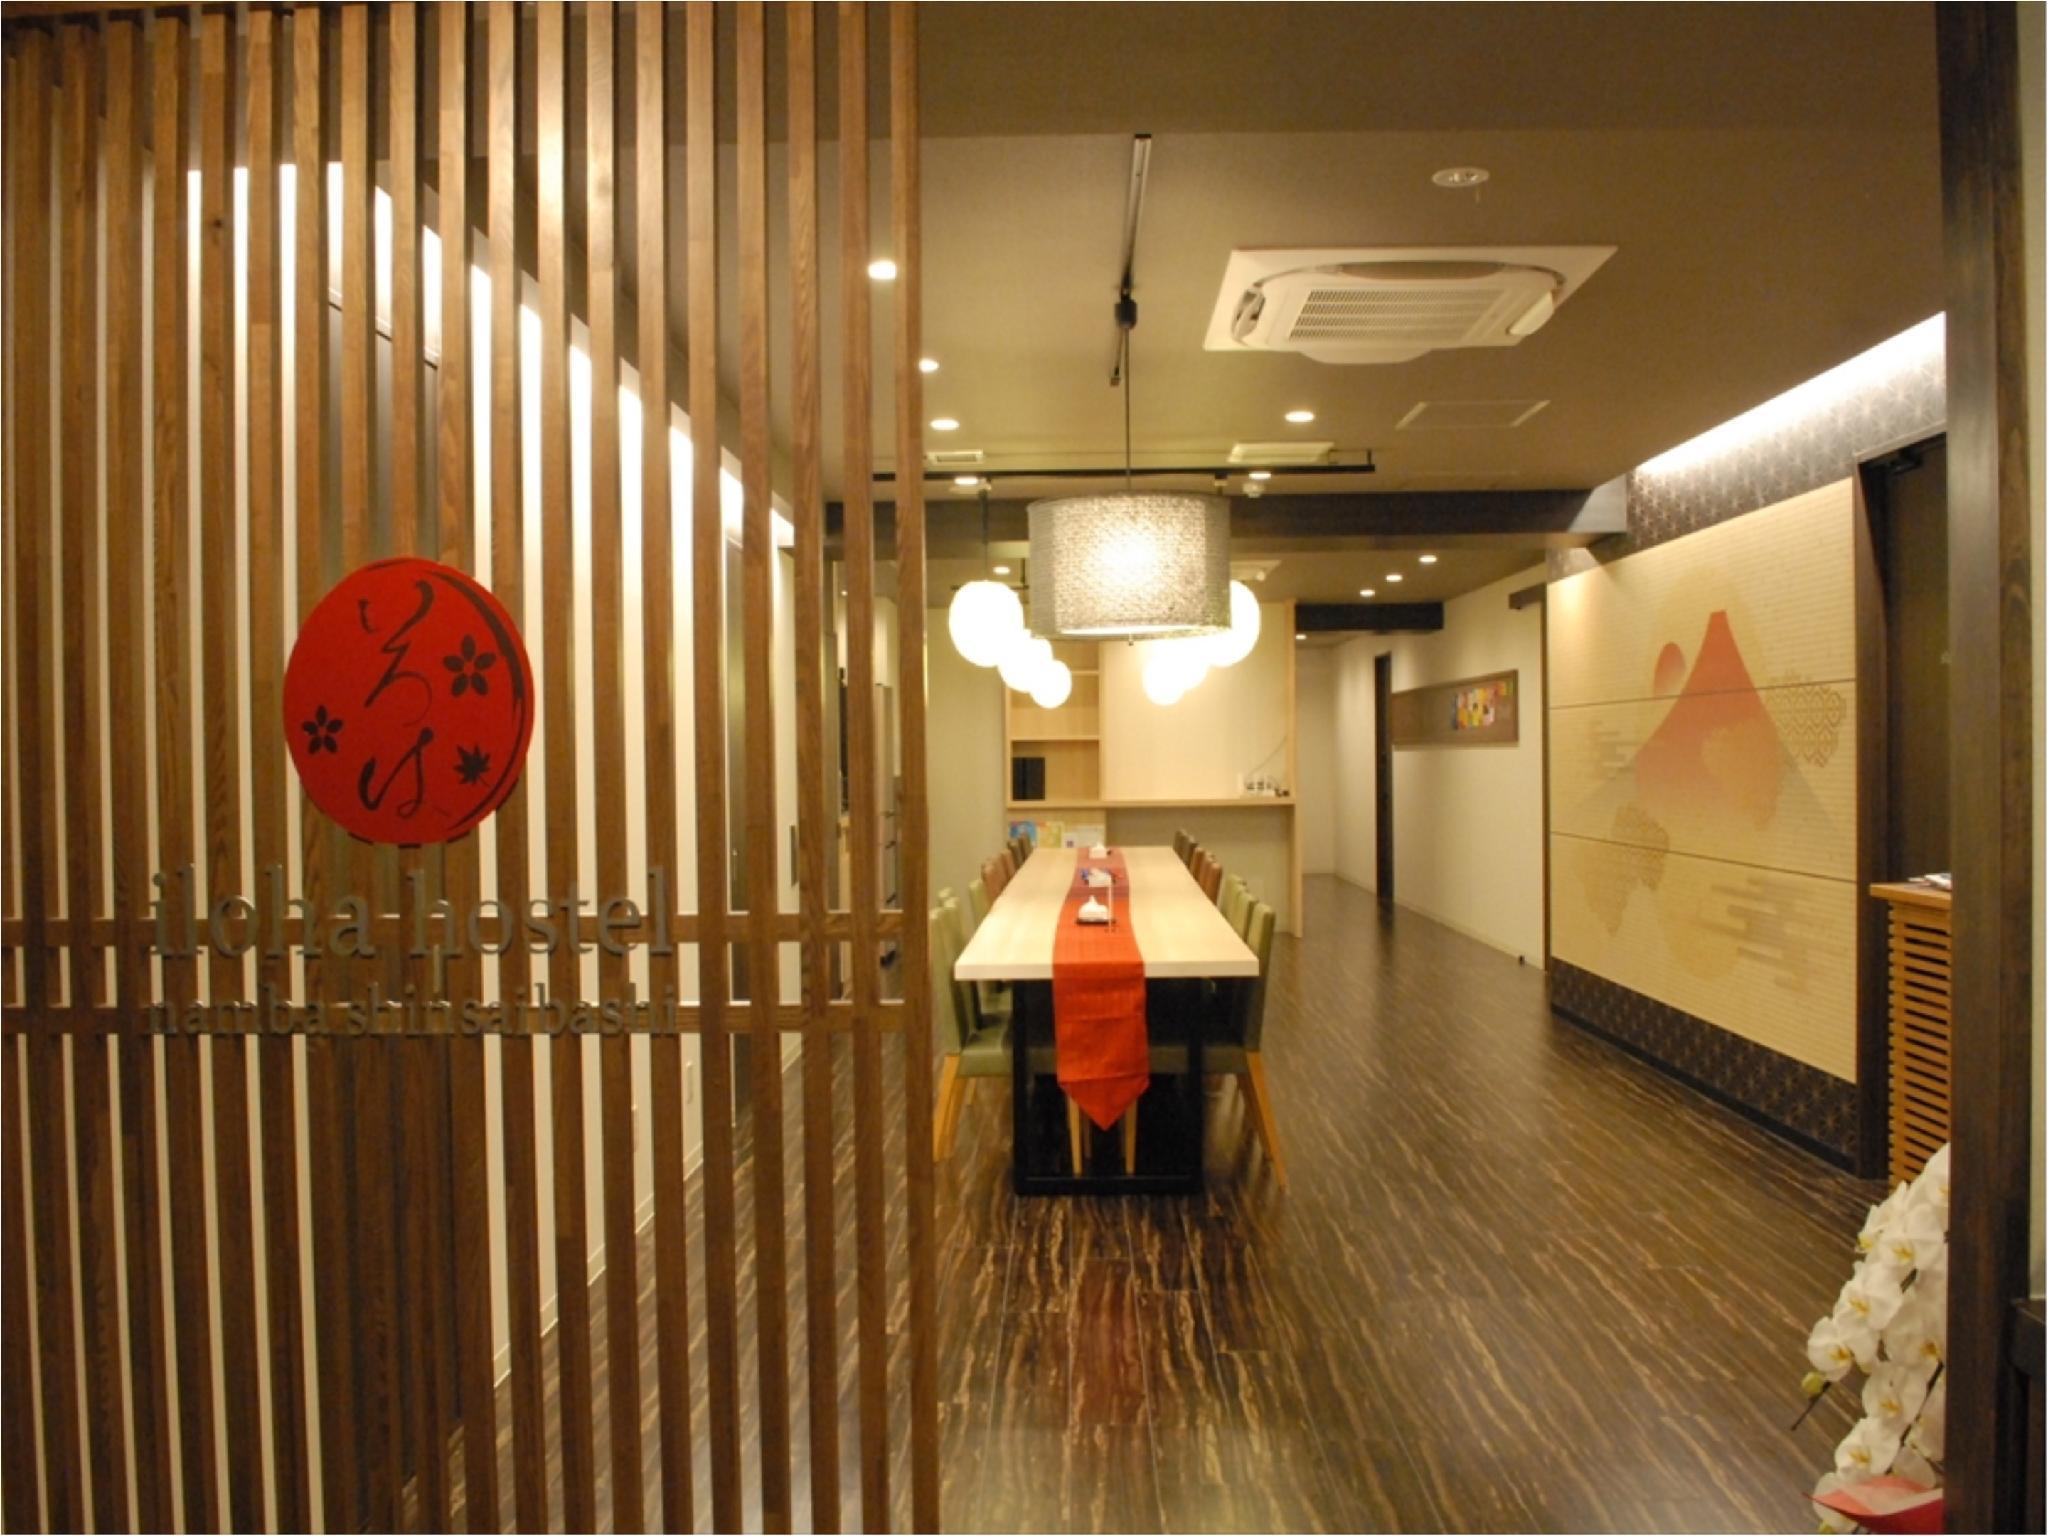 Iroha Hostel Nanba Shinsaibashi